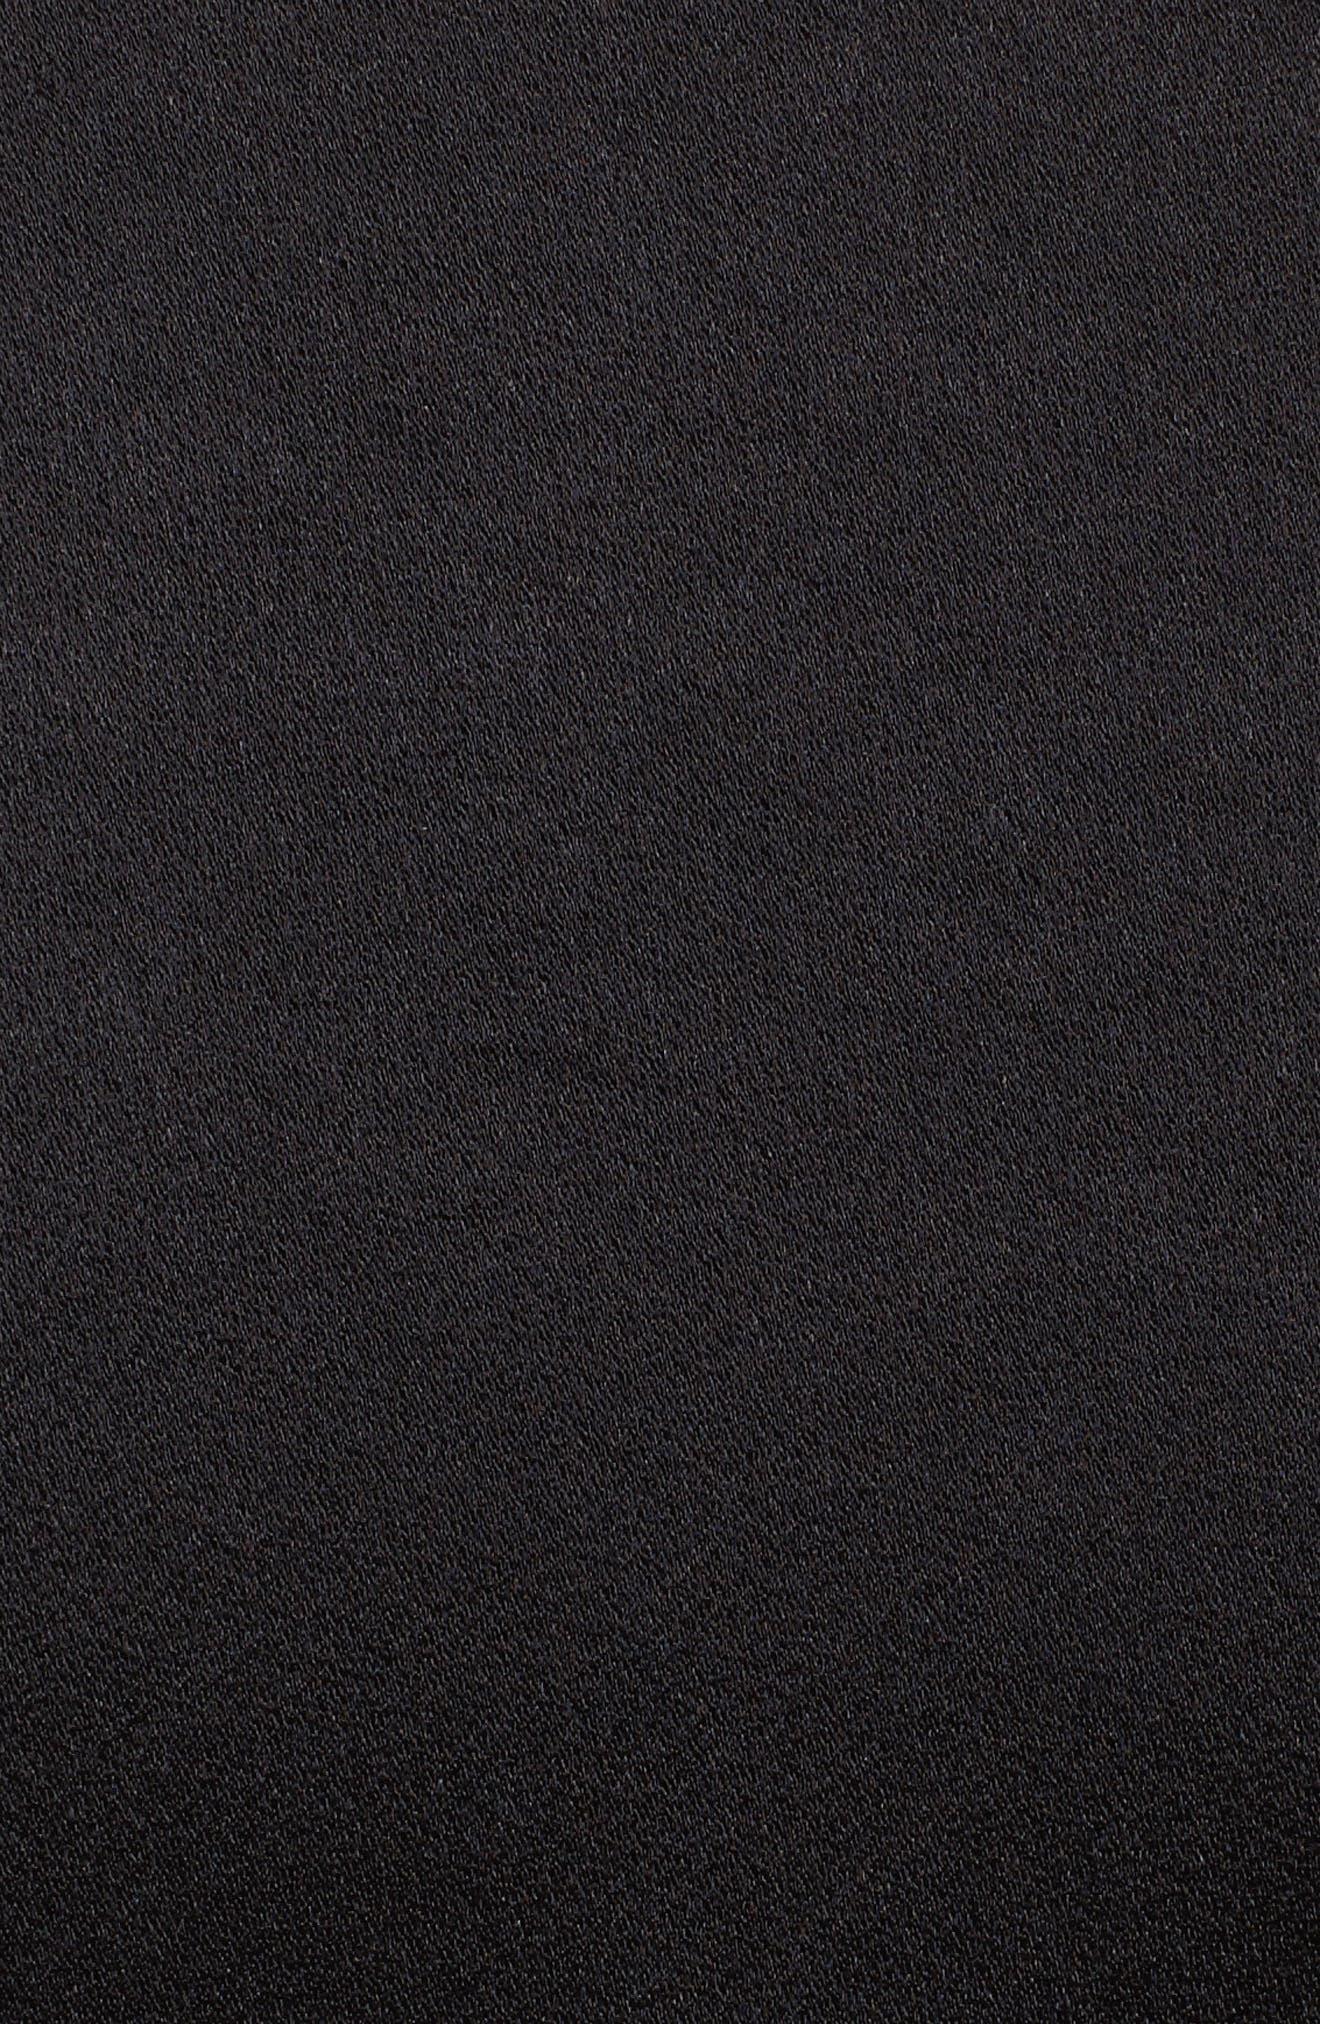 Kensington Midi Dress,                             Alternate thumbnail 5, color,                             001